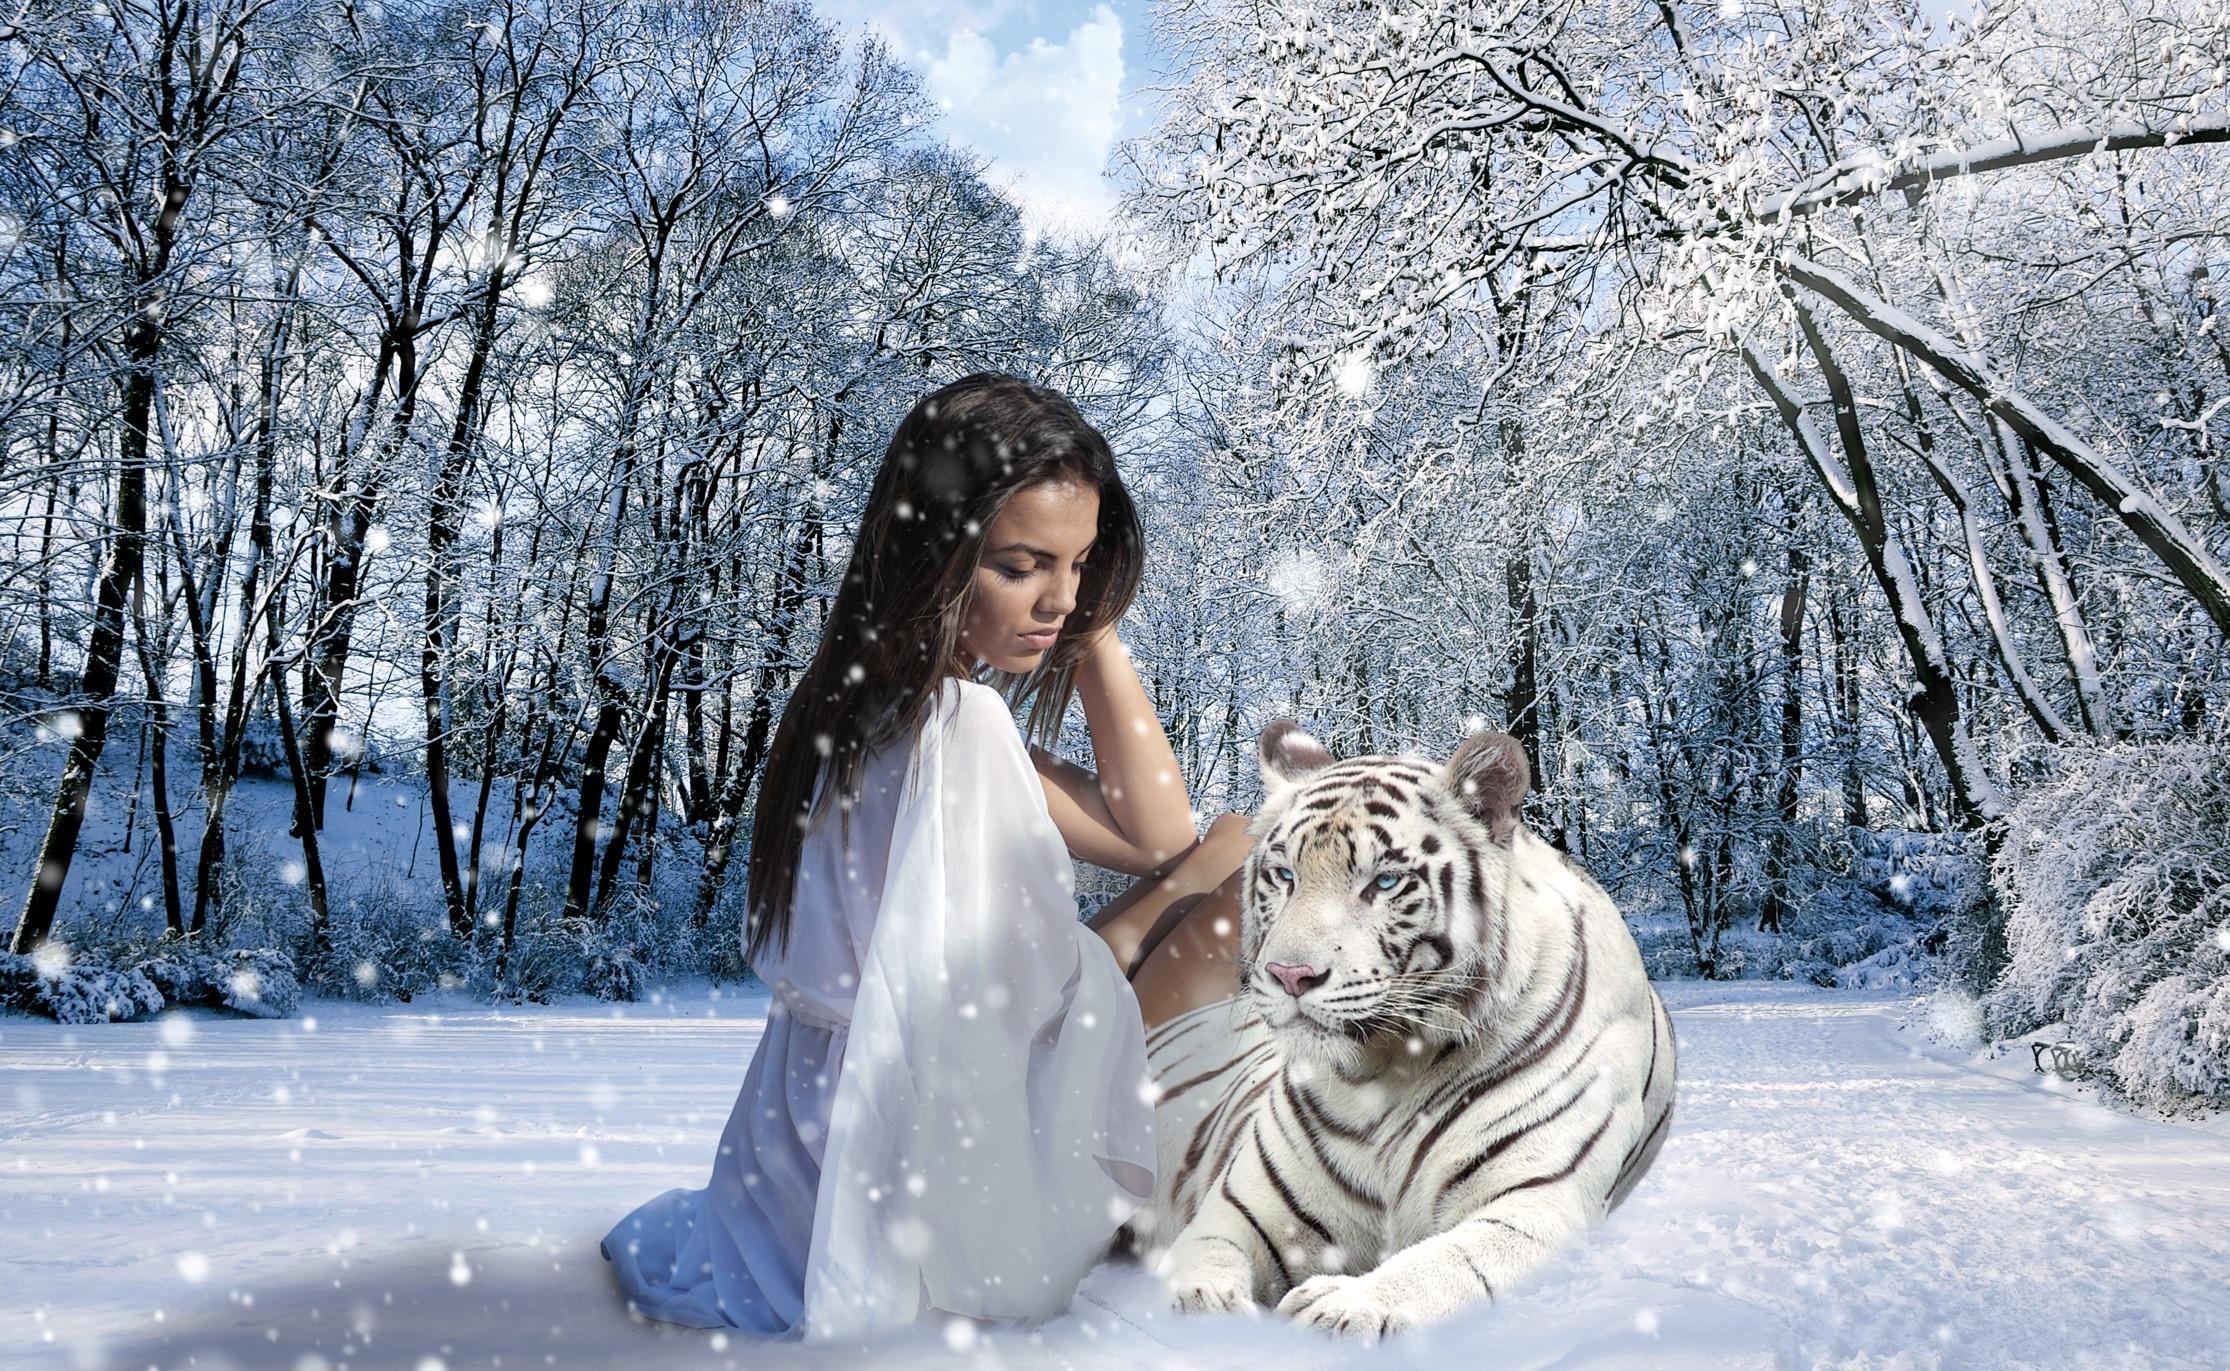 foto de Images Gratuites : la nature, forêt, neige, hiver, femme ...